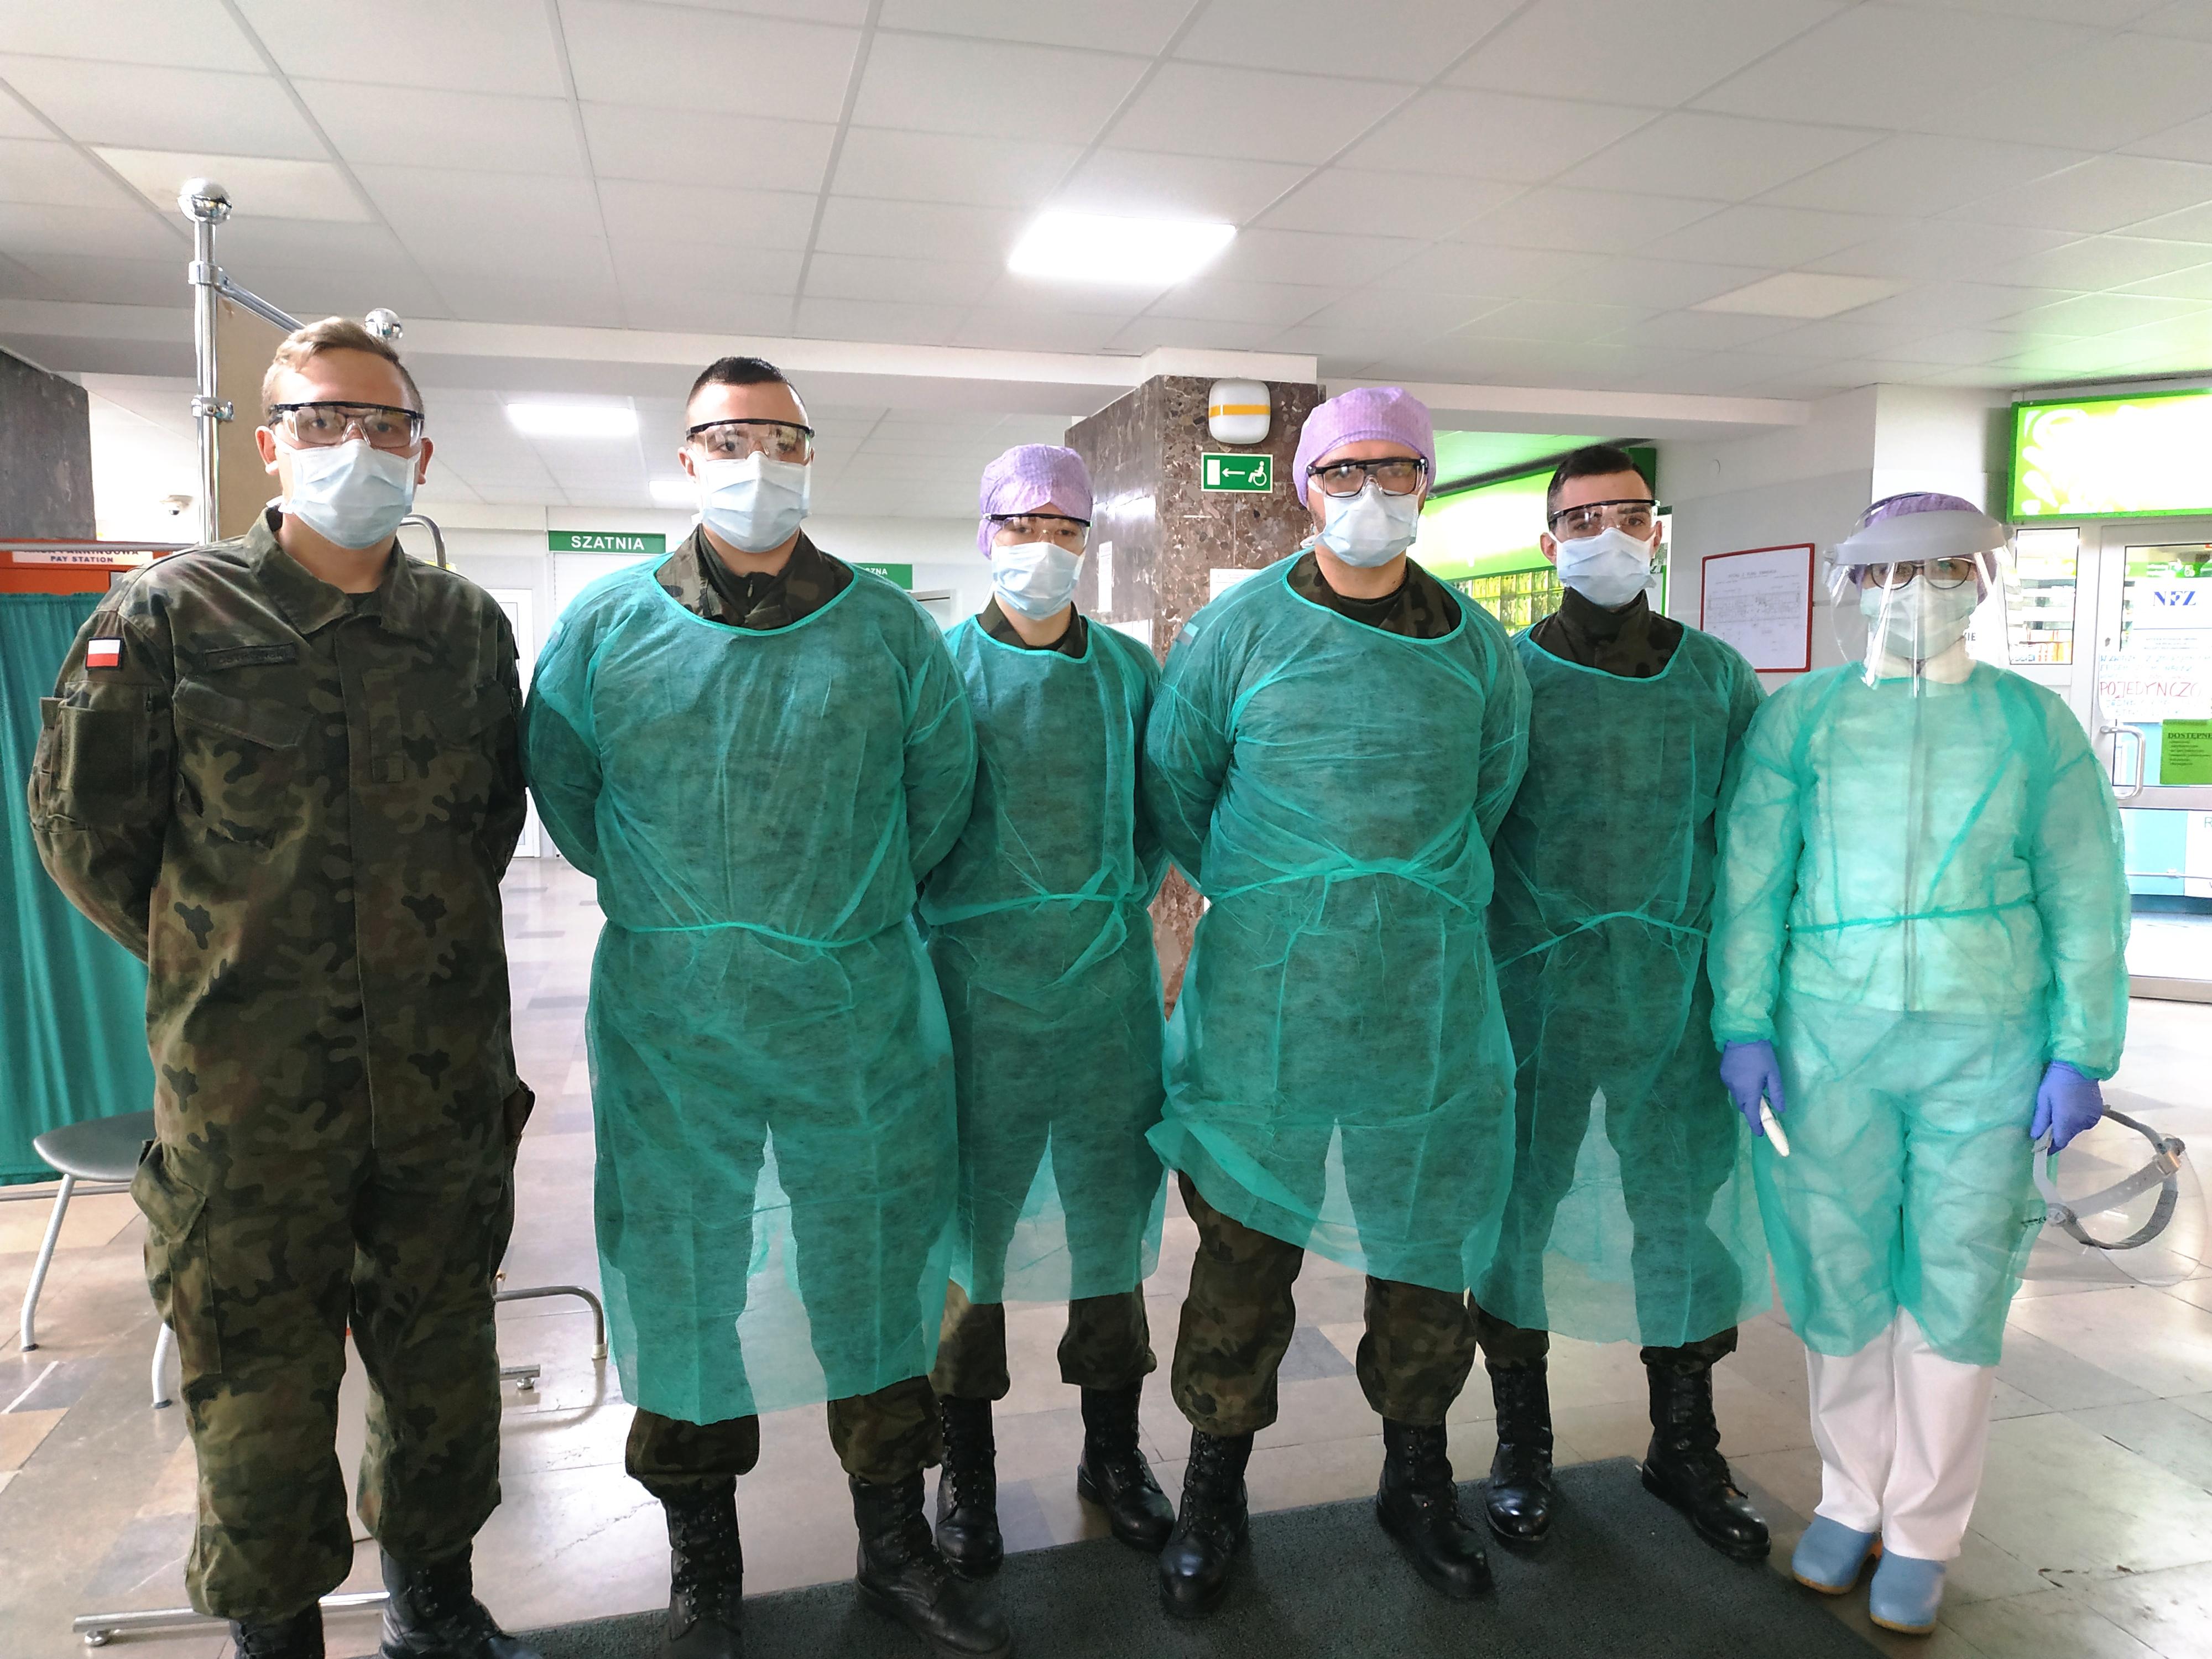 Żołnierze WOT z Braniewa od dzisiaj wspomagają personel medyczny